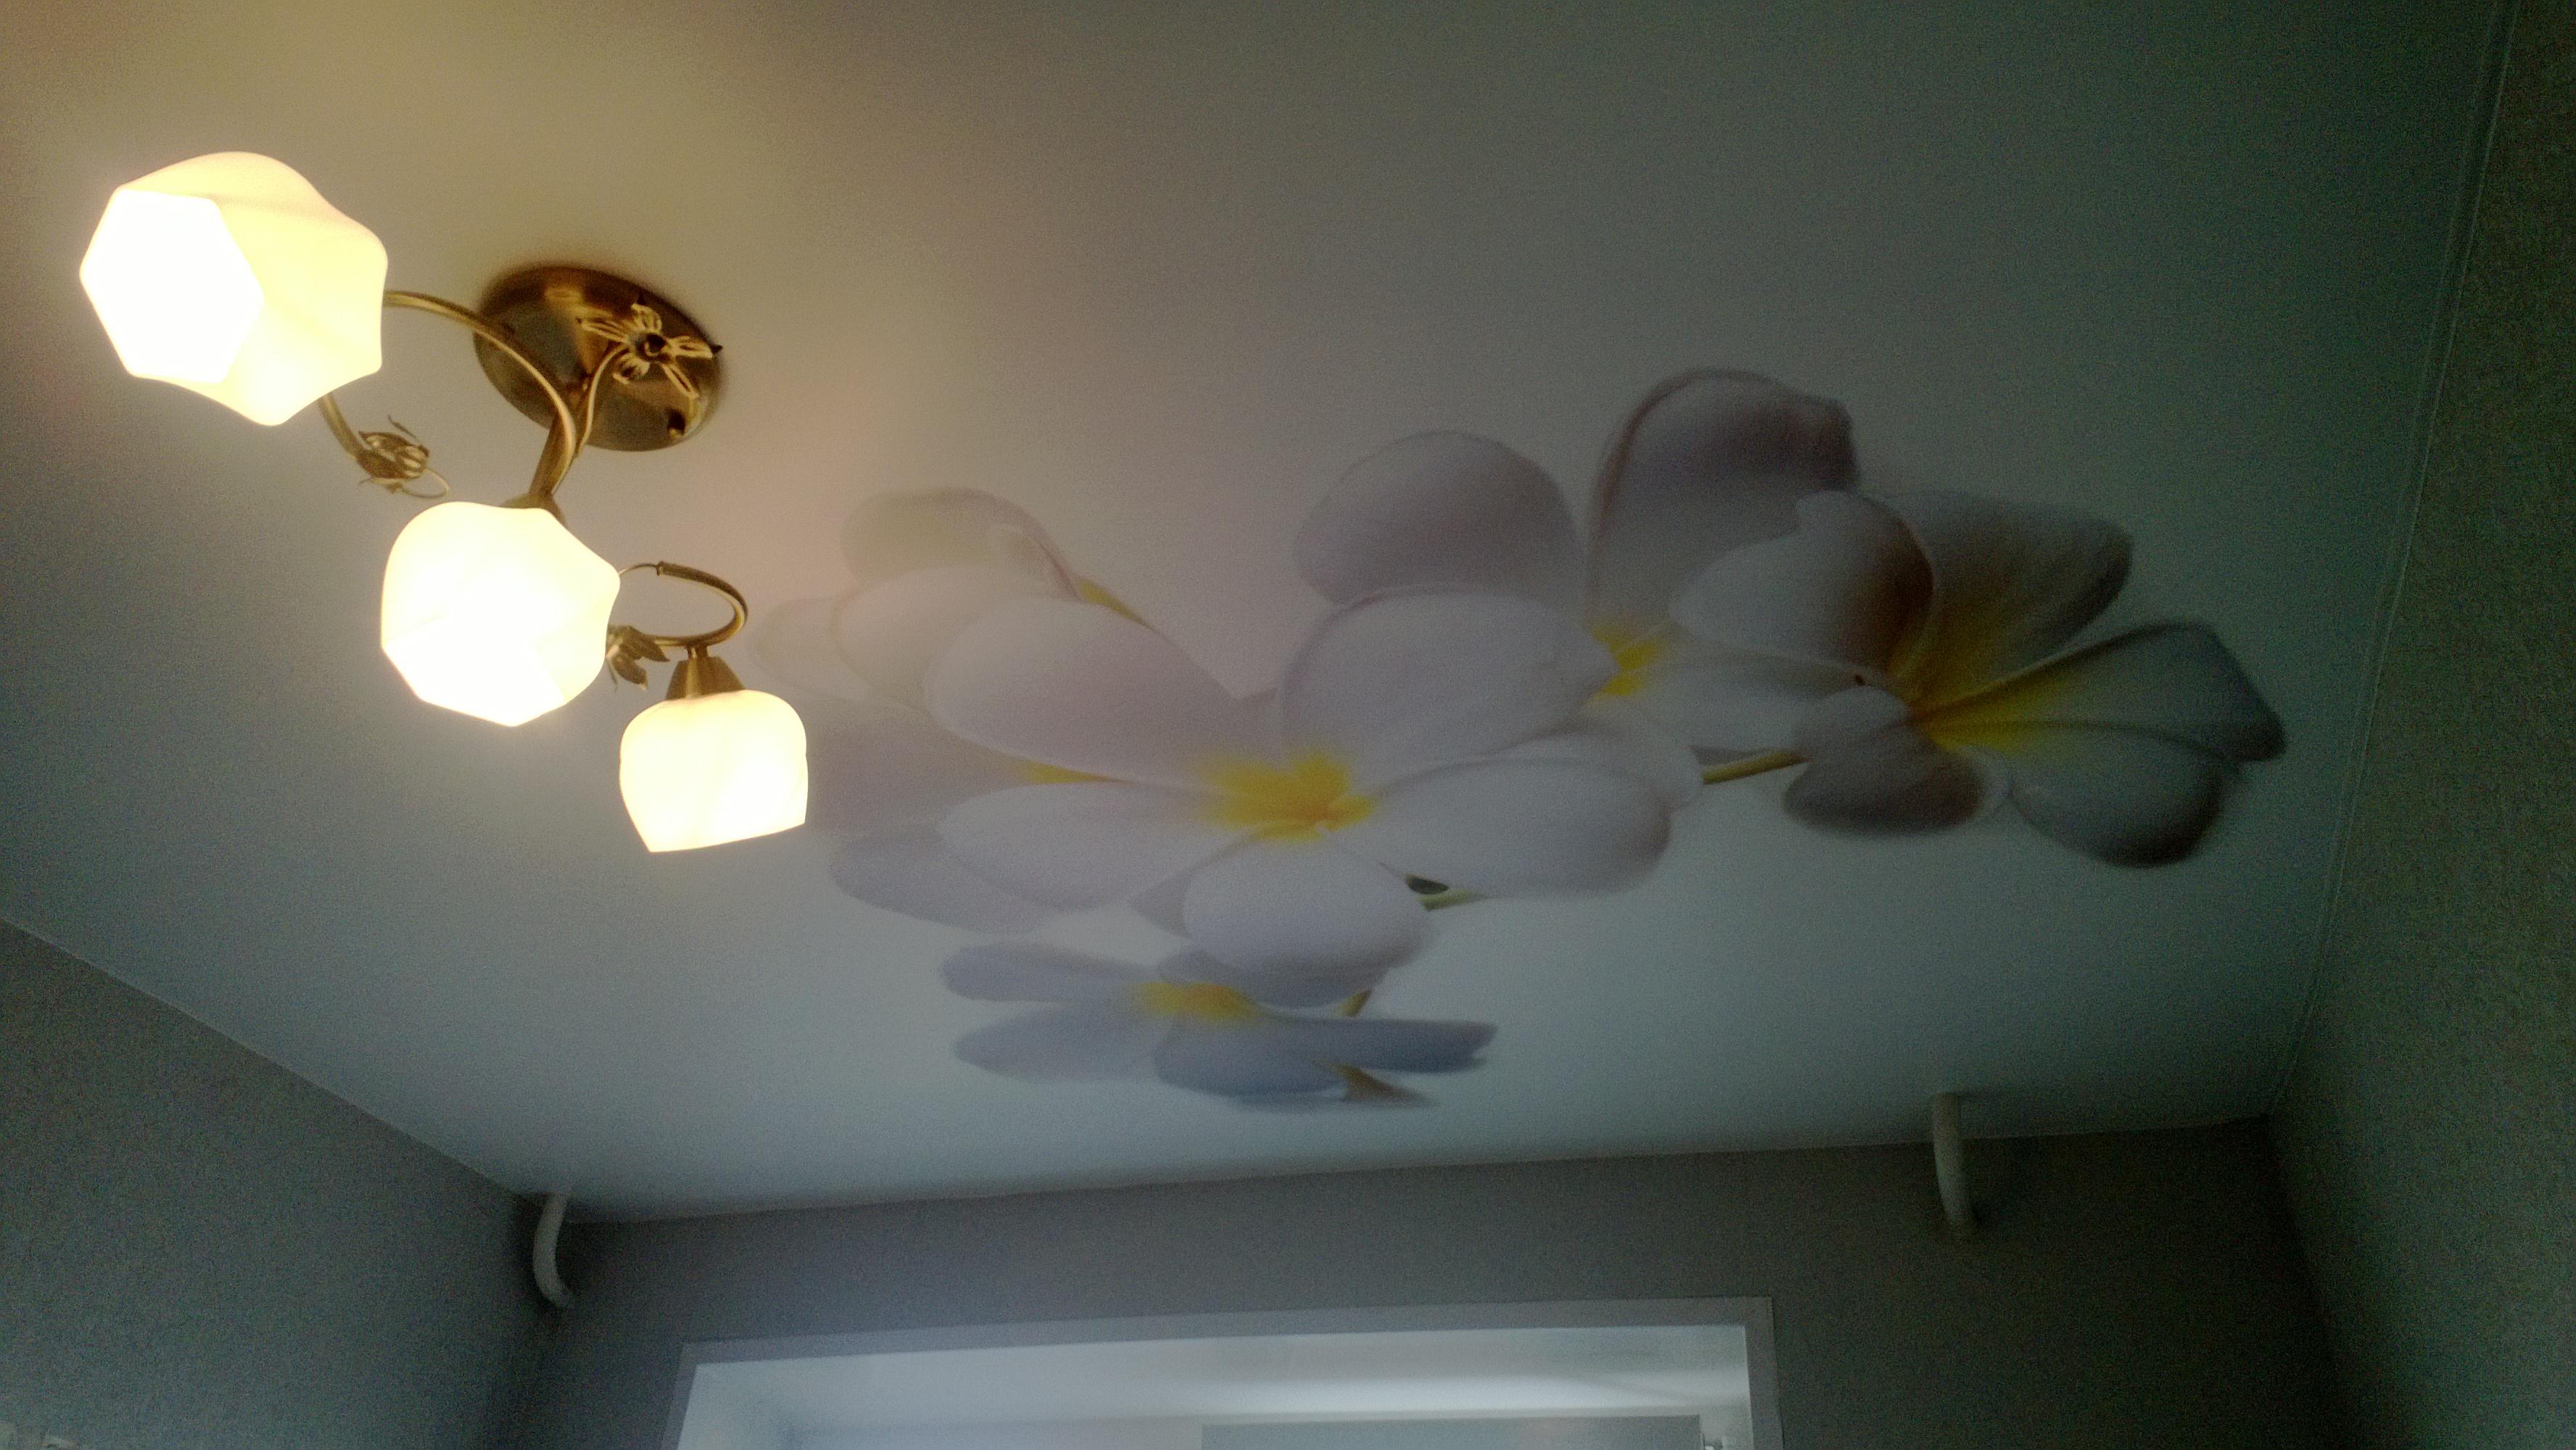 натяжные потолки фото глянцевые  цена двухуровневые тканевые в Нижнем Новгороде